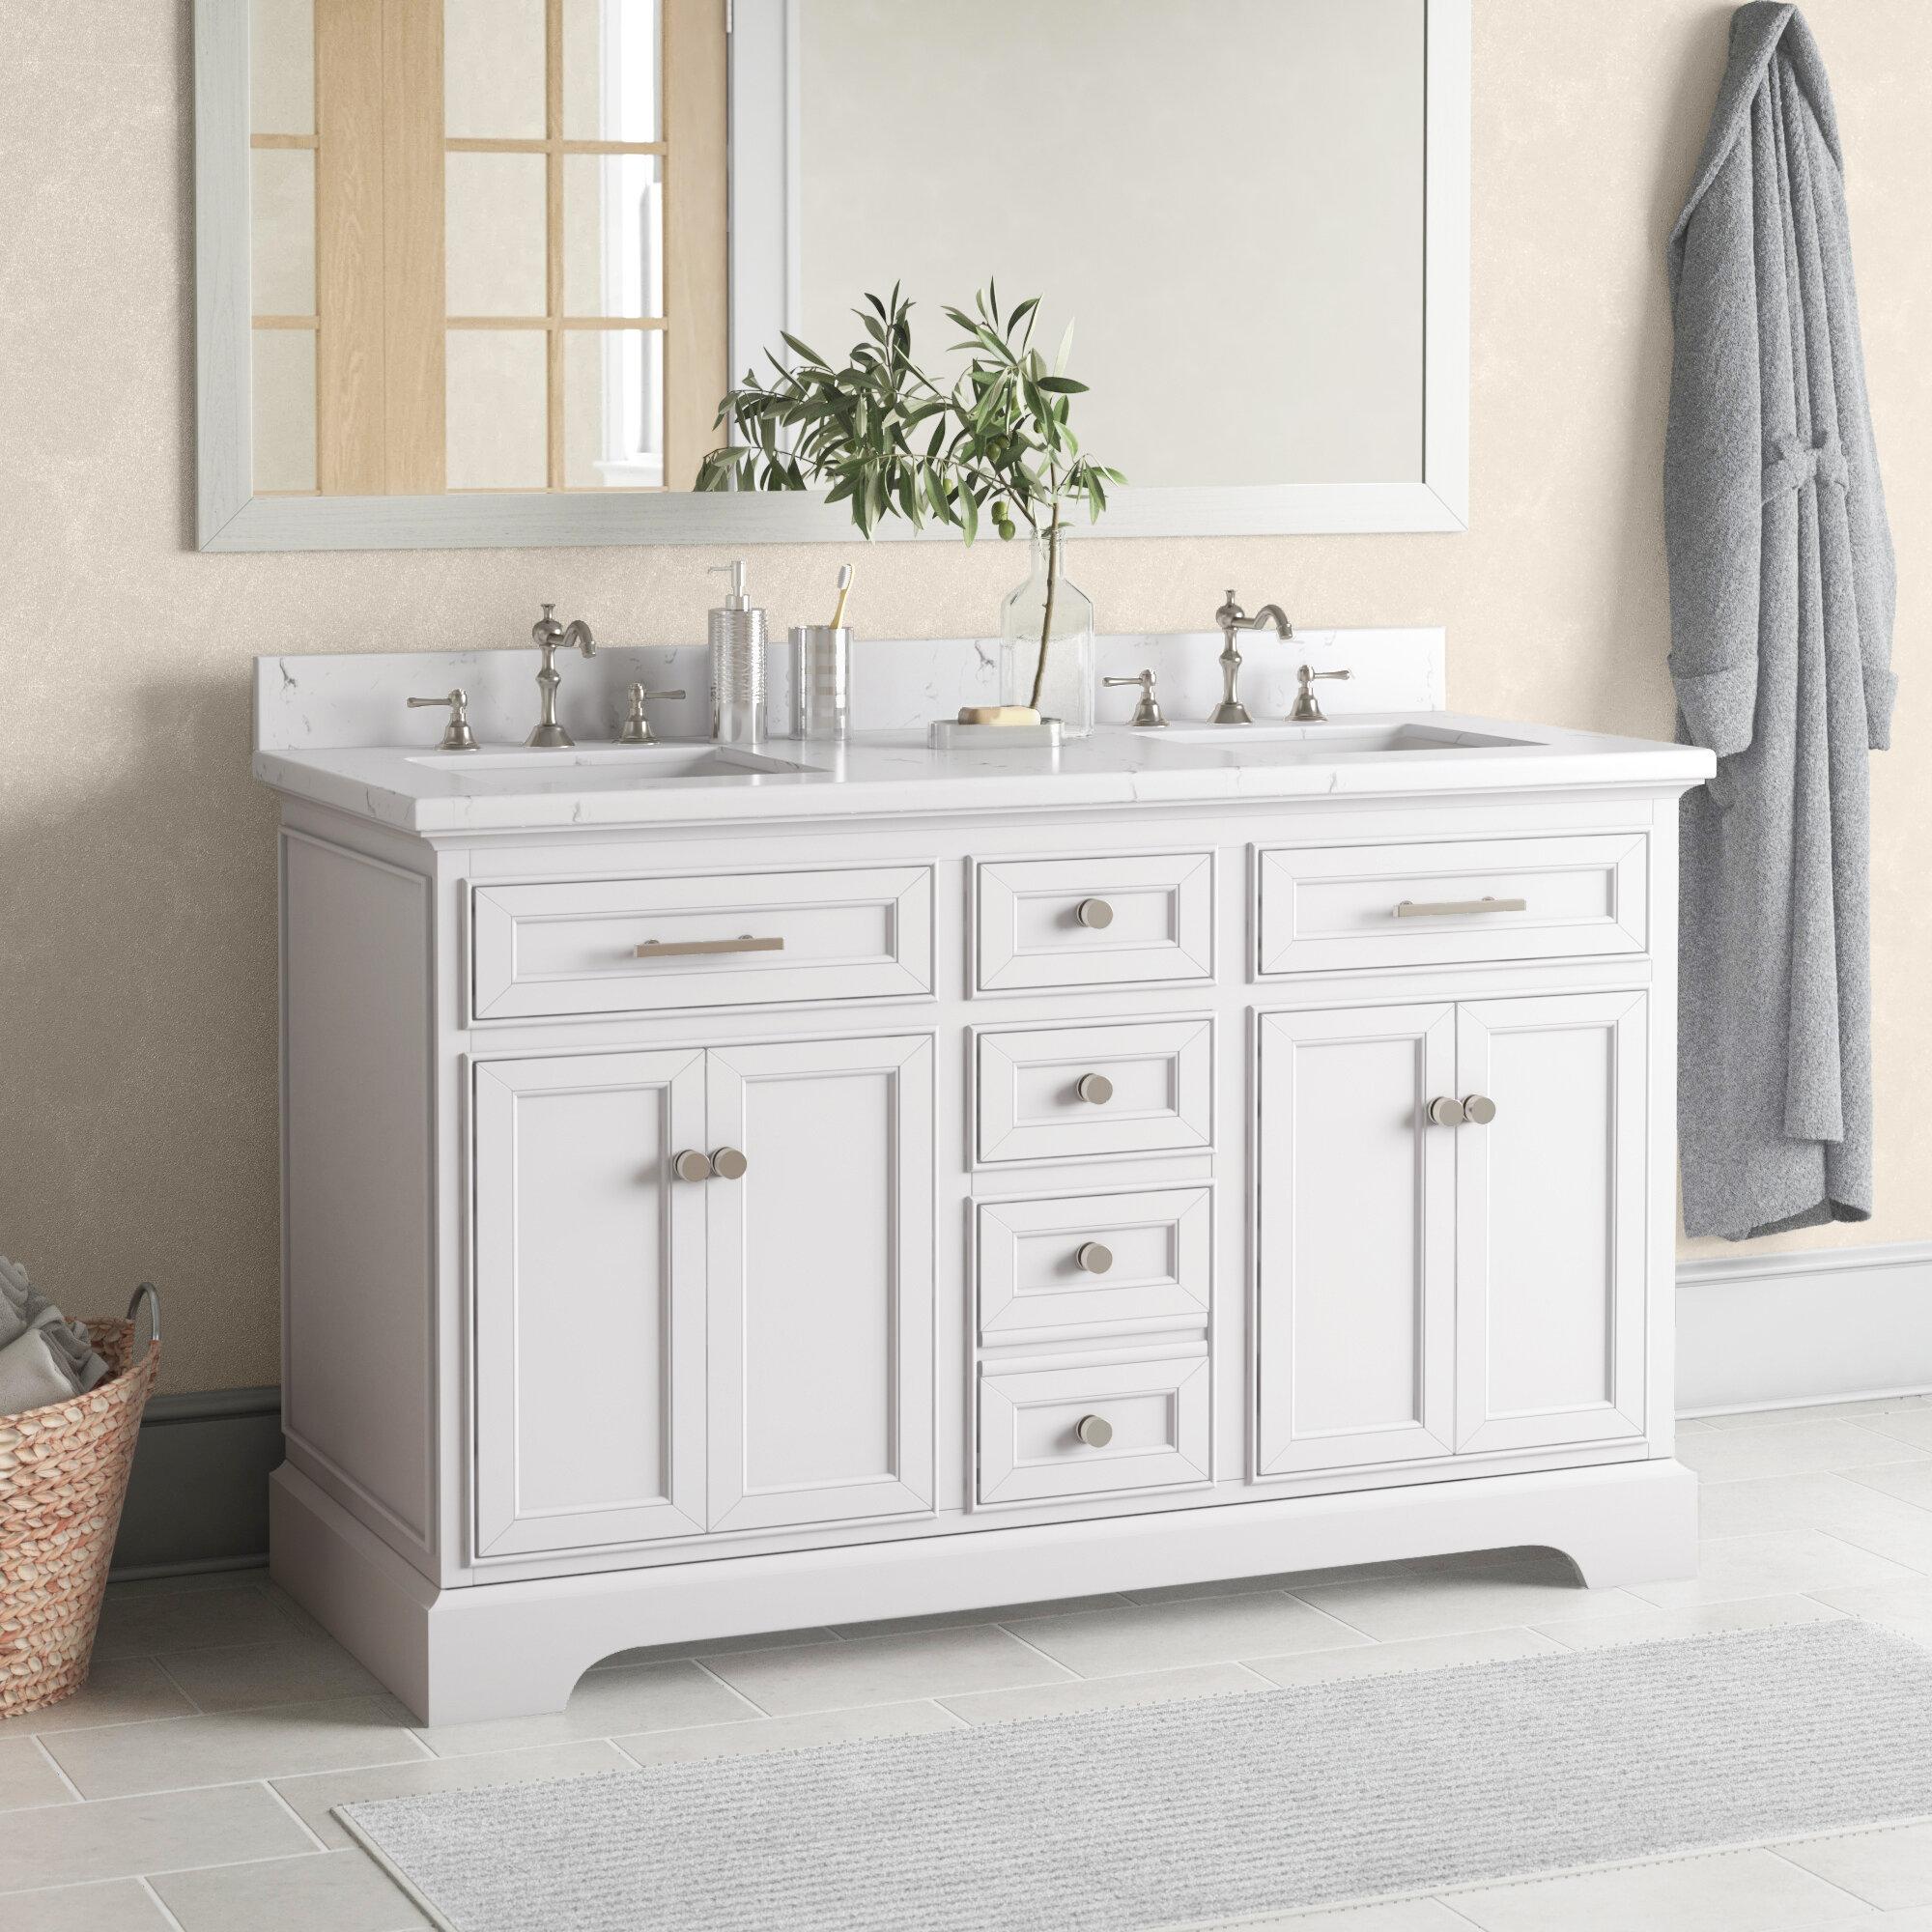 Three Posts Currahee 54 Double Bathroom Vanity Set Reviews Wayfair